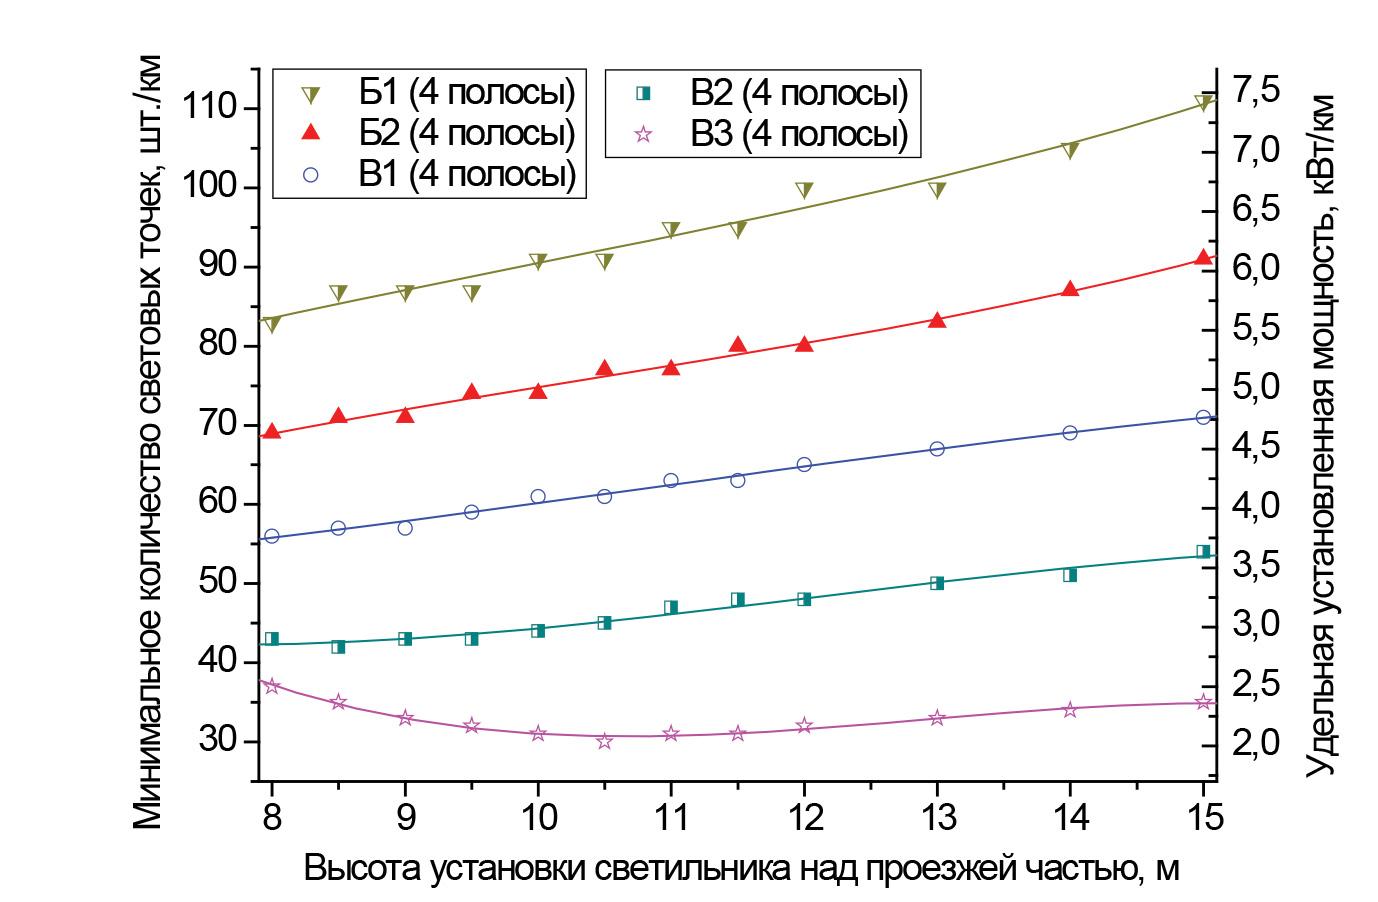 Зависимости минимального количества световых точек и соответствующей удельной установленной мощности от высоты установки светильников для различных категорий дорог и количества полос движения:категории от В3 до Б2; четыре полосы; размещение светильников с двух сторон напротив друг друга; средняя полоса 1 м